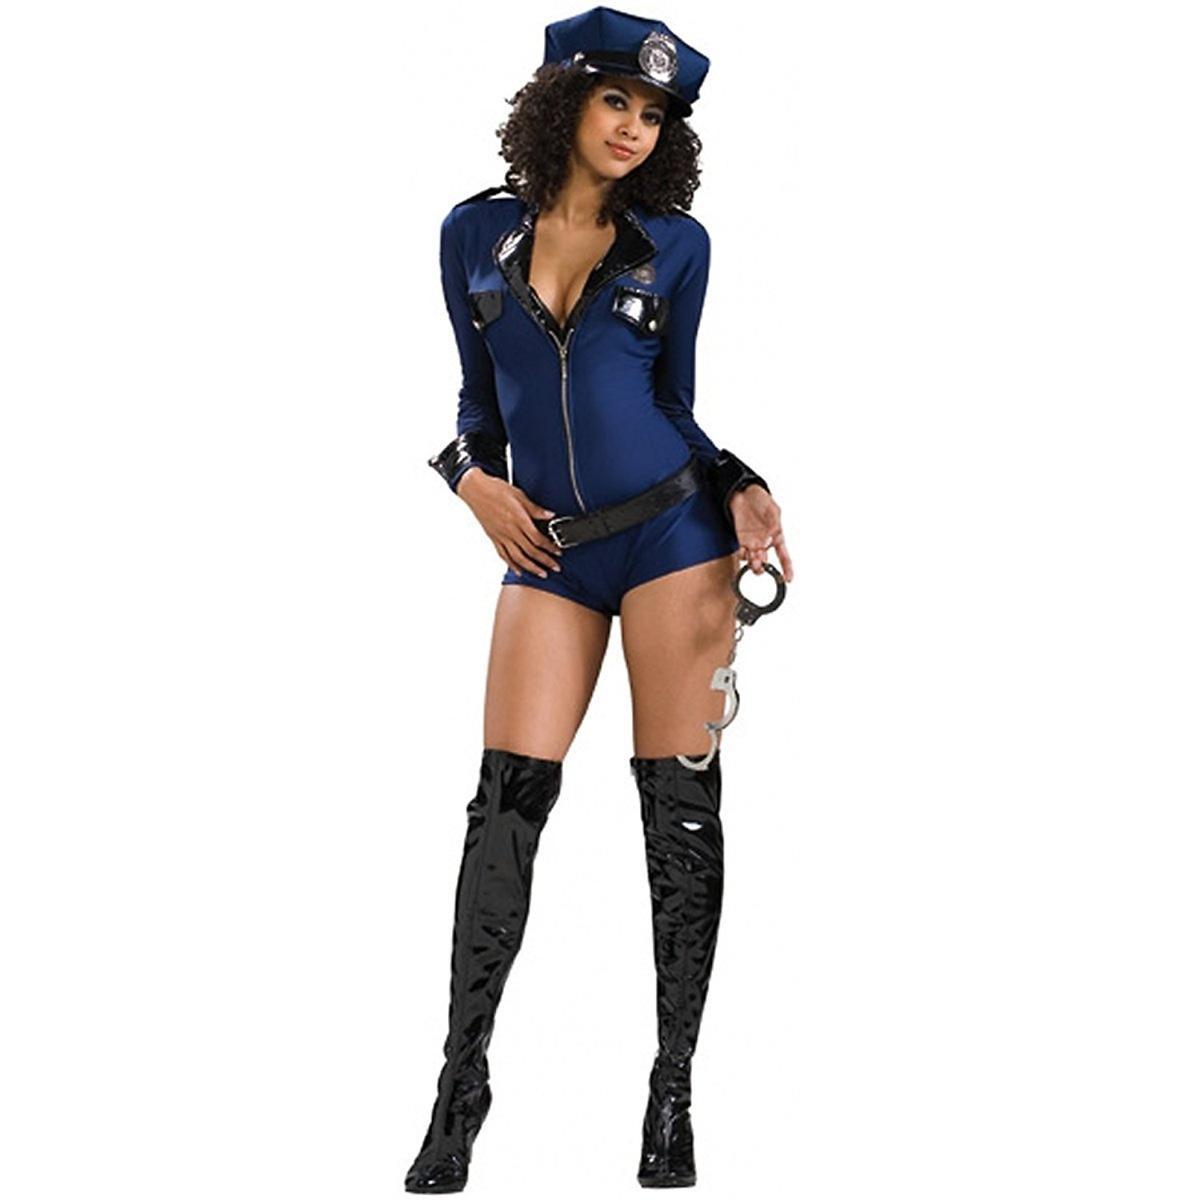 セクシー ポリス 警官 警察 大人 女性 海外 制服 衣装 ロンパース コスプレ 仮装 レディース コスチューム